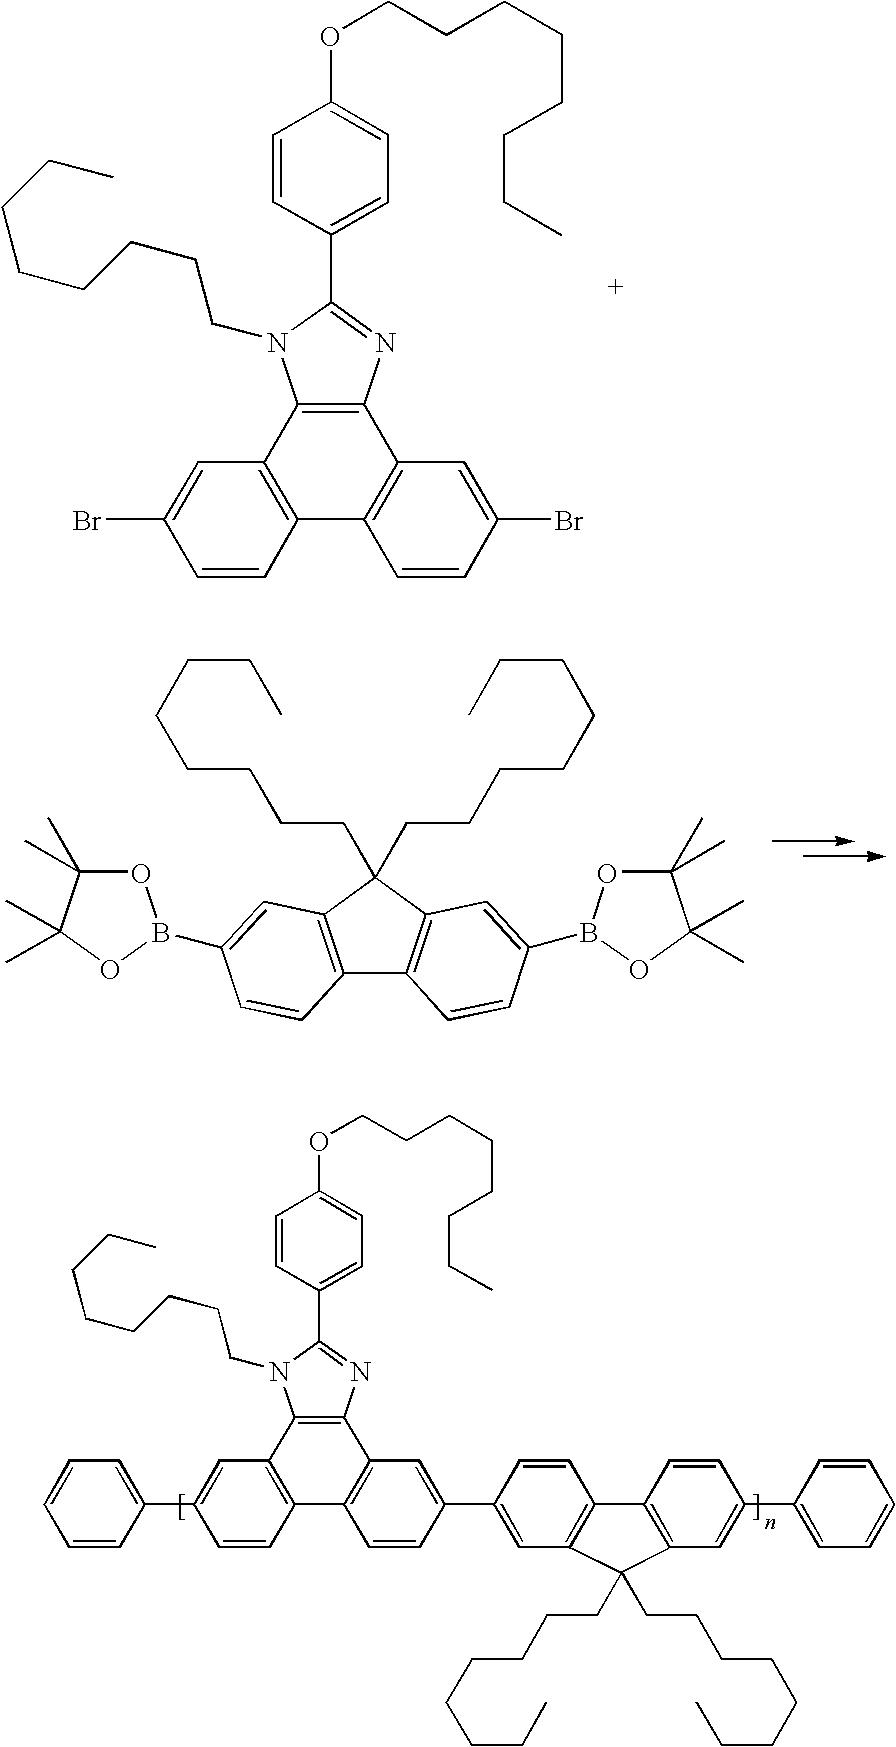 Figure US20090105447A1-20090423-C00173